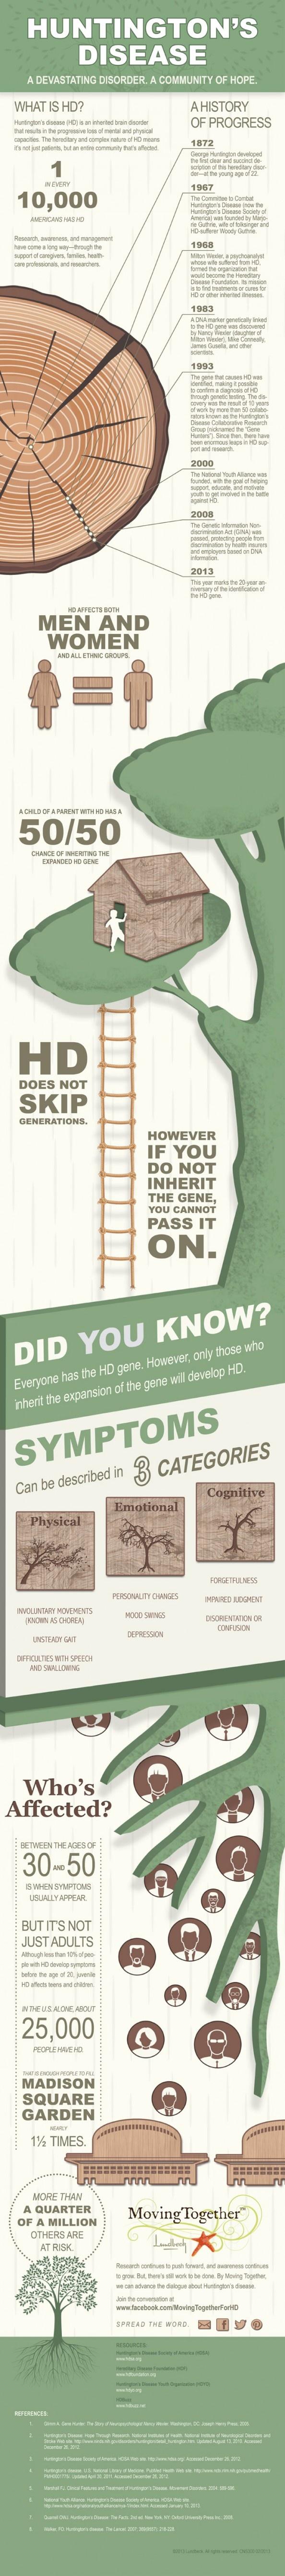 25+ best Huntingtons Disease images on Pinterest | Huntington ...